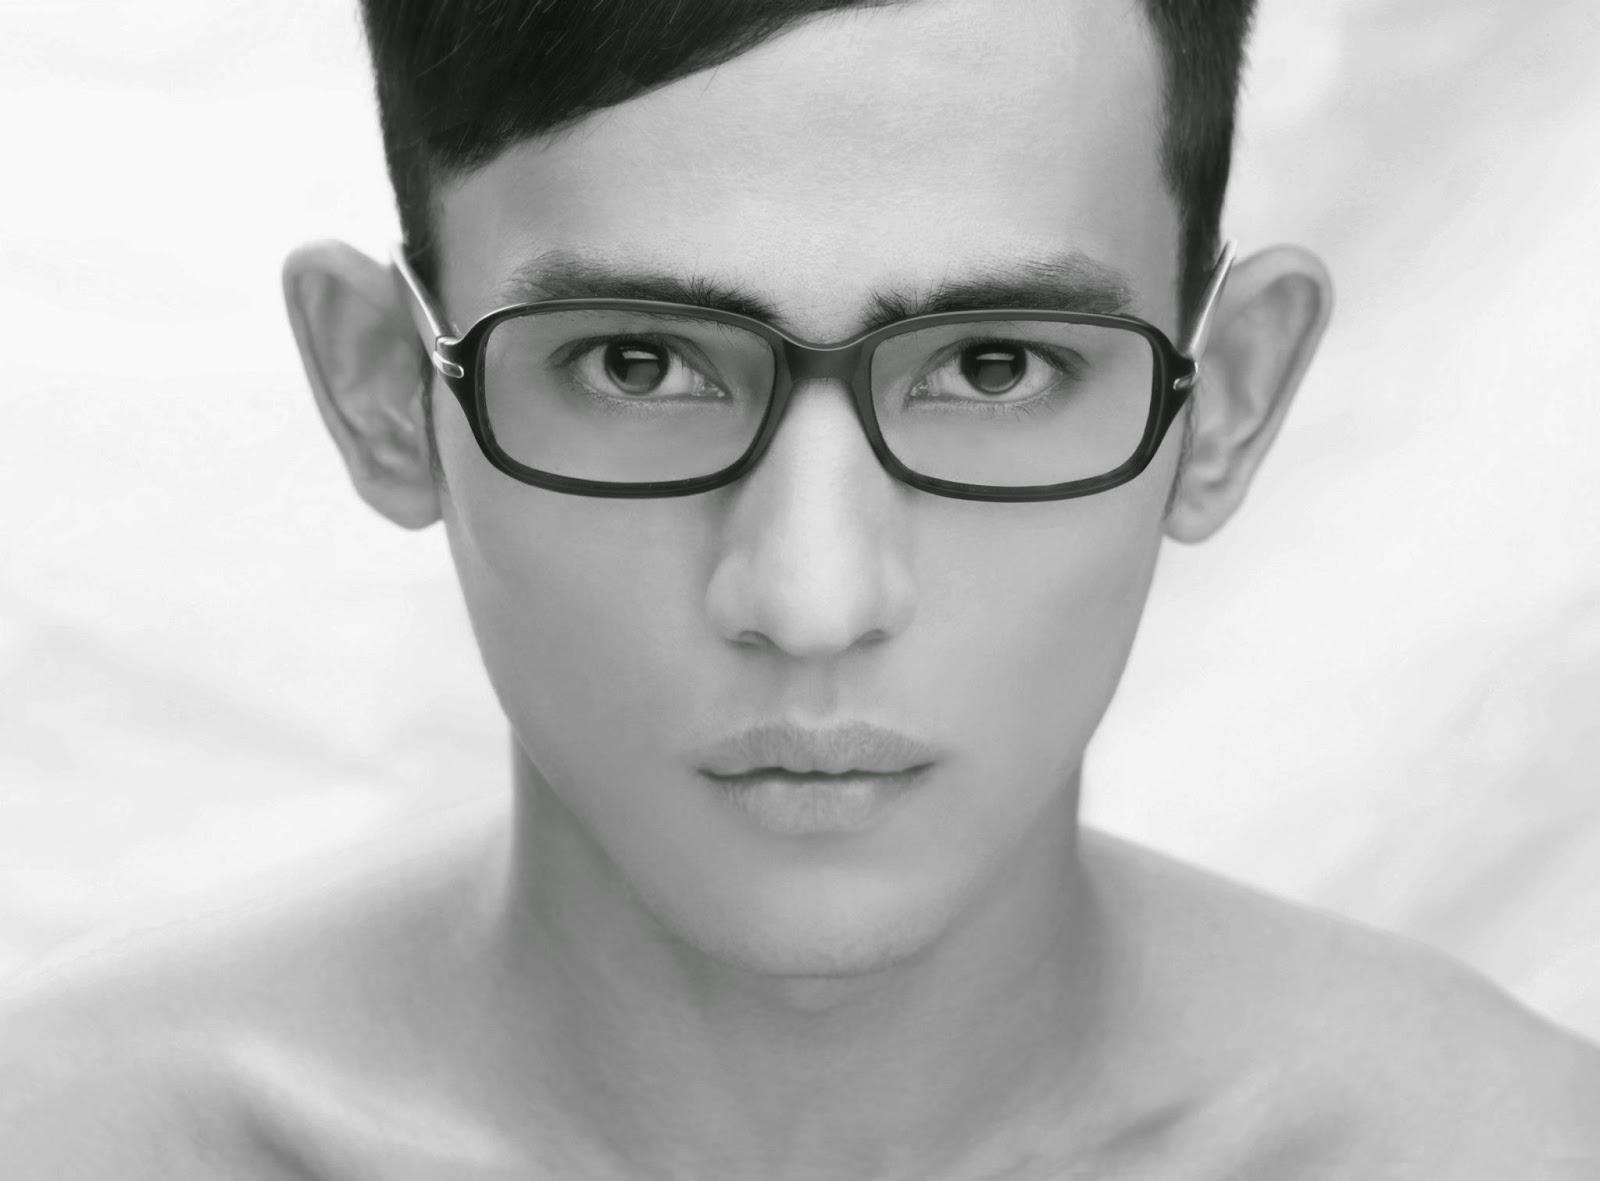 Model Catwalk Pria Dia Salah Satu Model Pria Yang